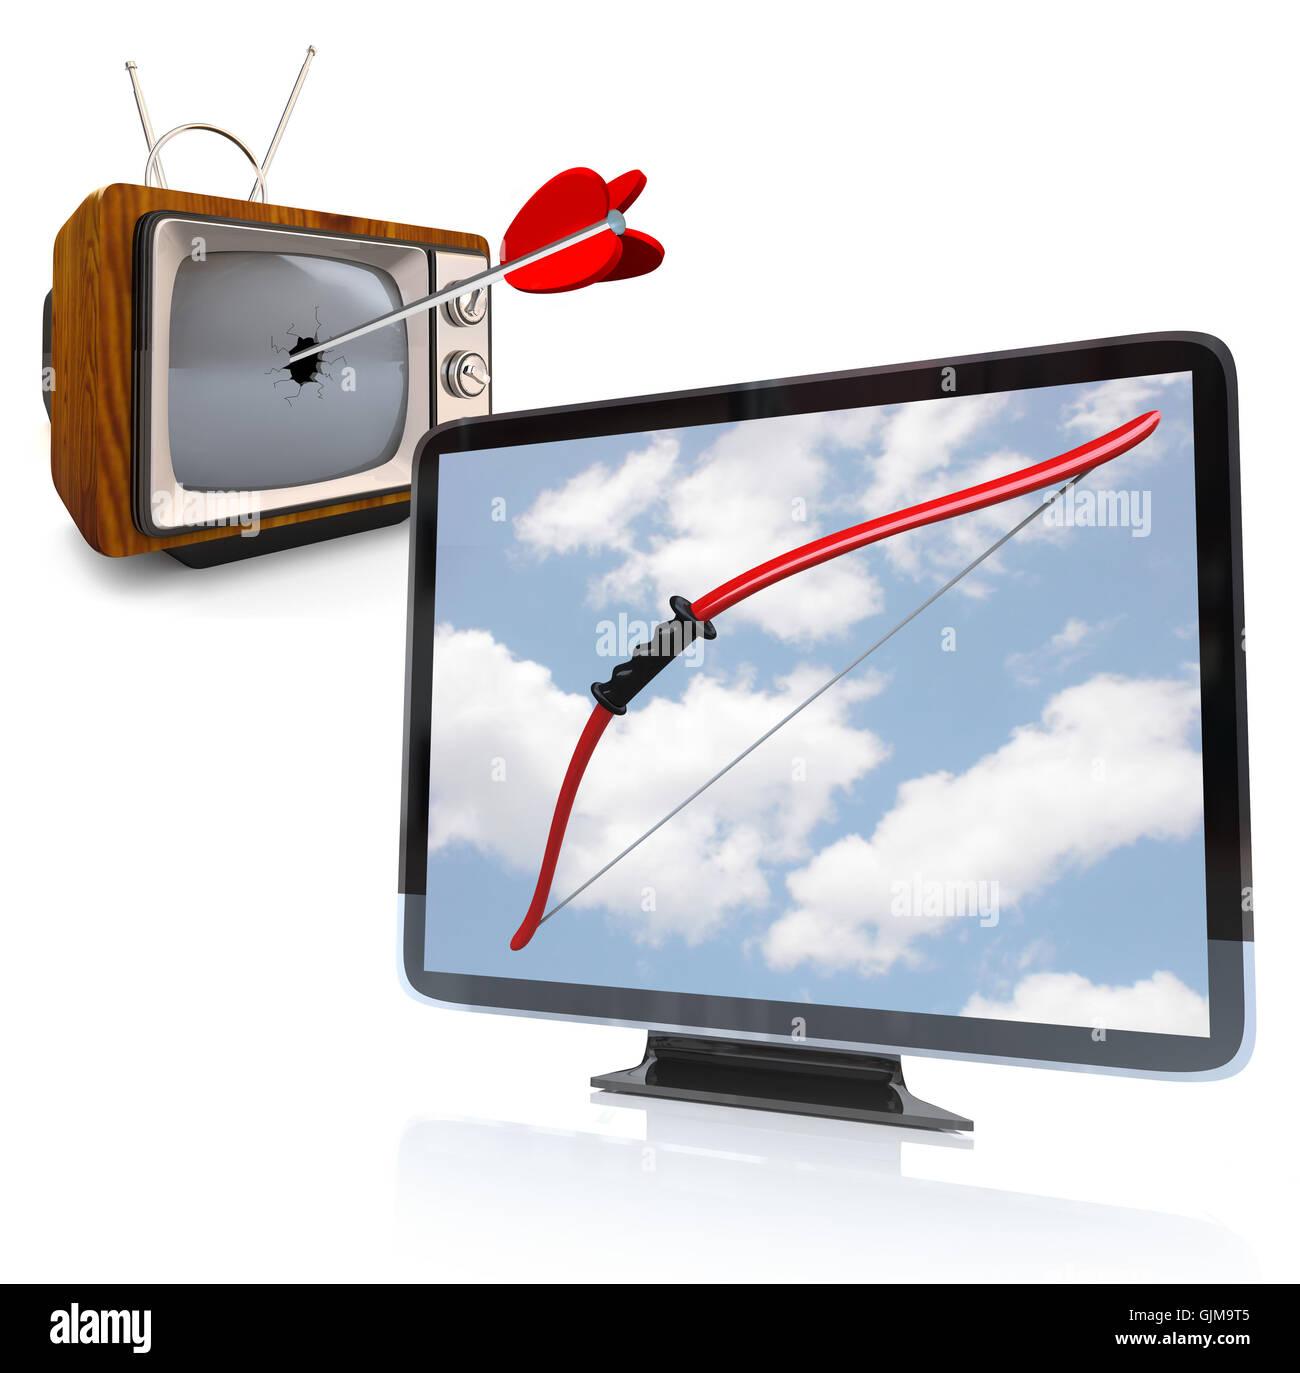 Crt Tv Stockfotos Bilder Alamy Monitor Diagram Neue Hdtv Schlgt Alte Altmodische Fernseher Stockbild